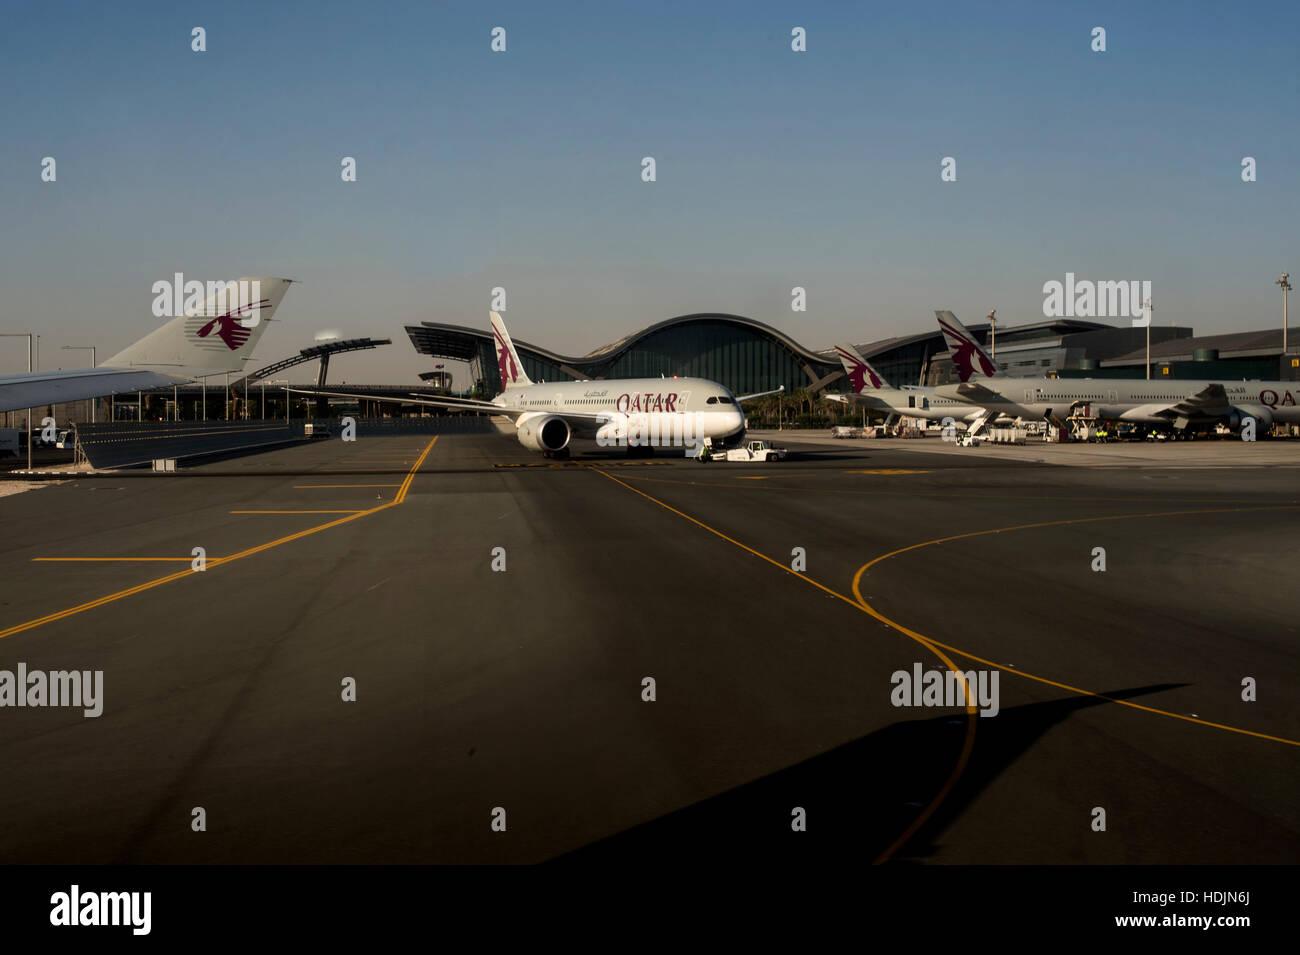 Airside at Doha airport Stock Photo